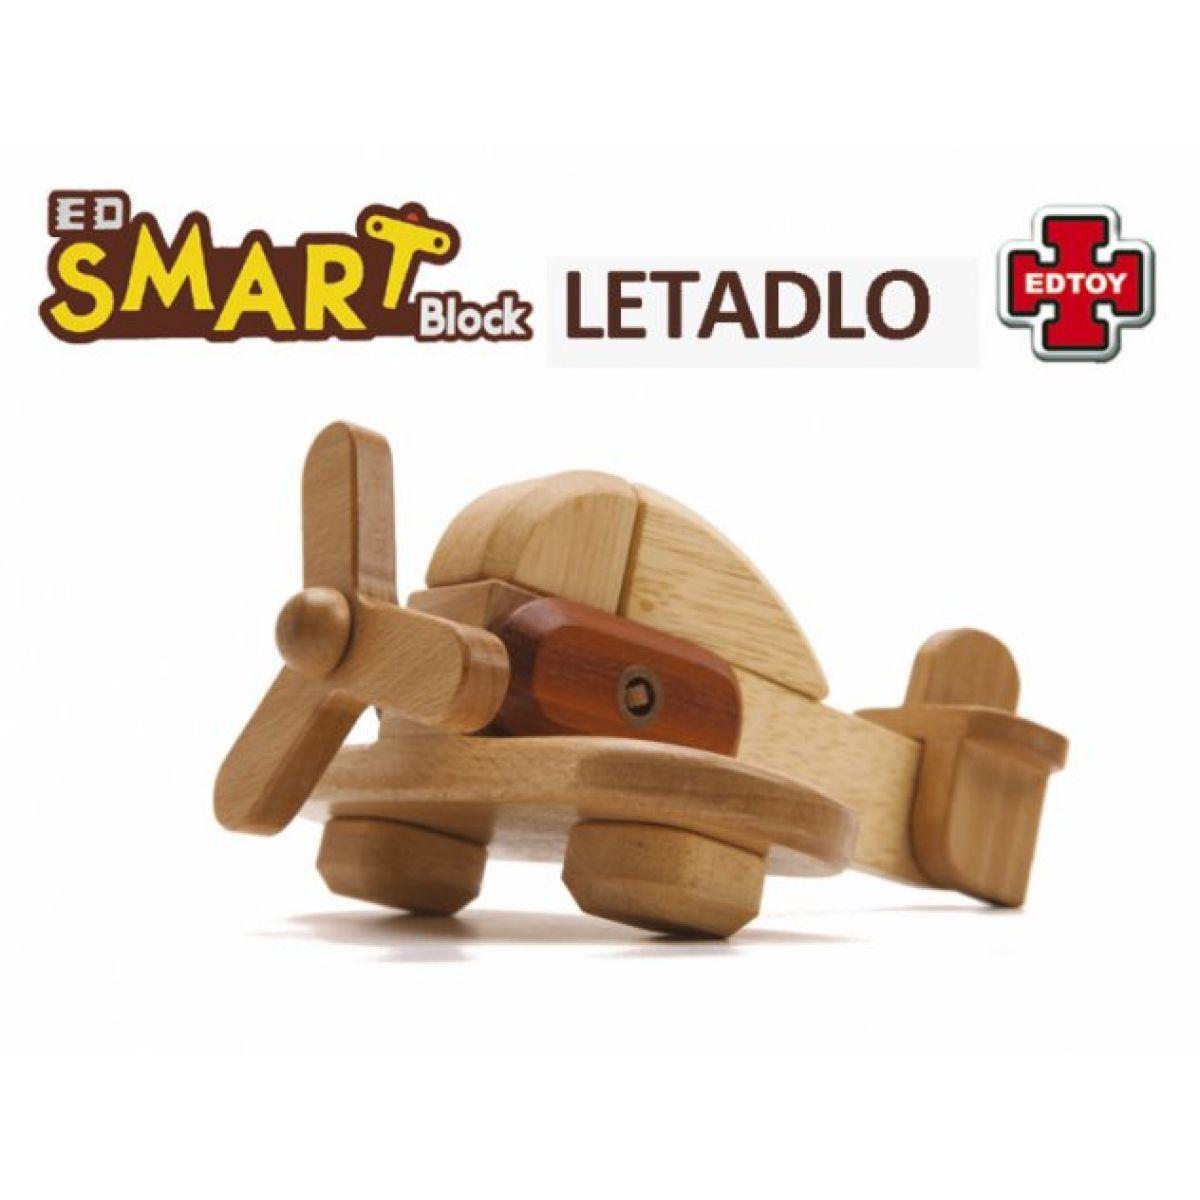 Edtoy SmartBlocks Aeroplán